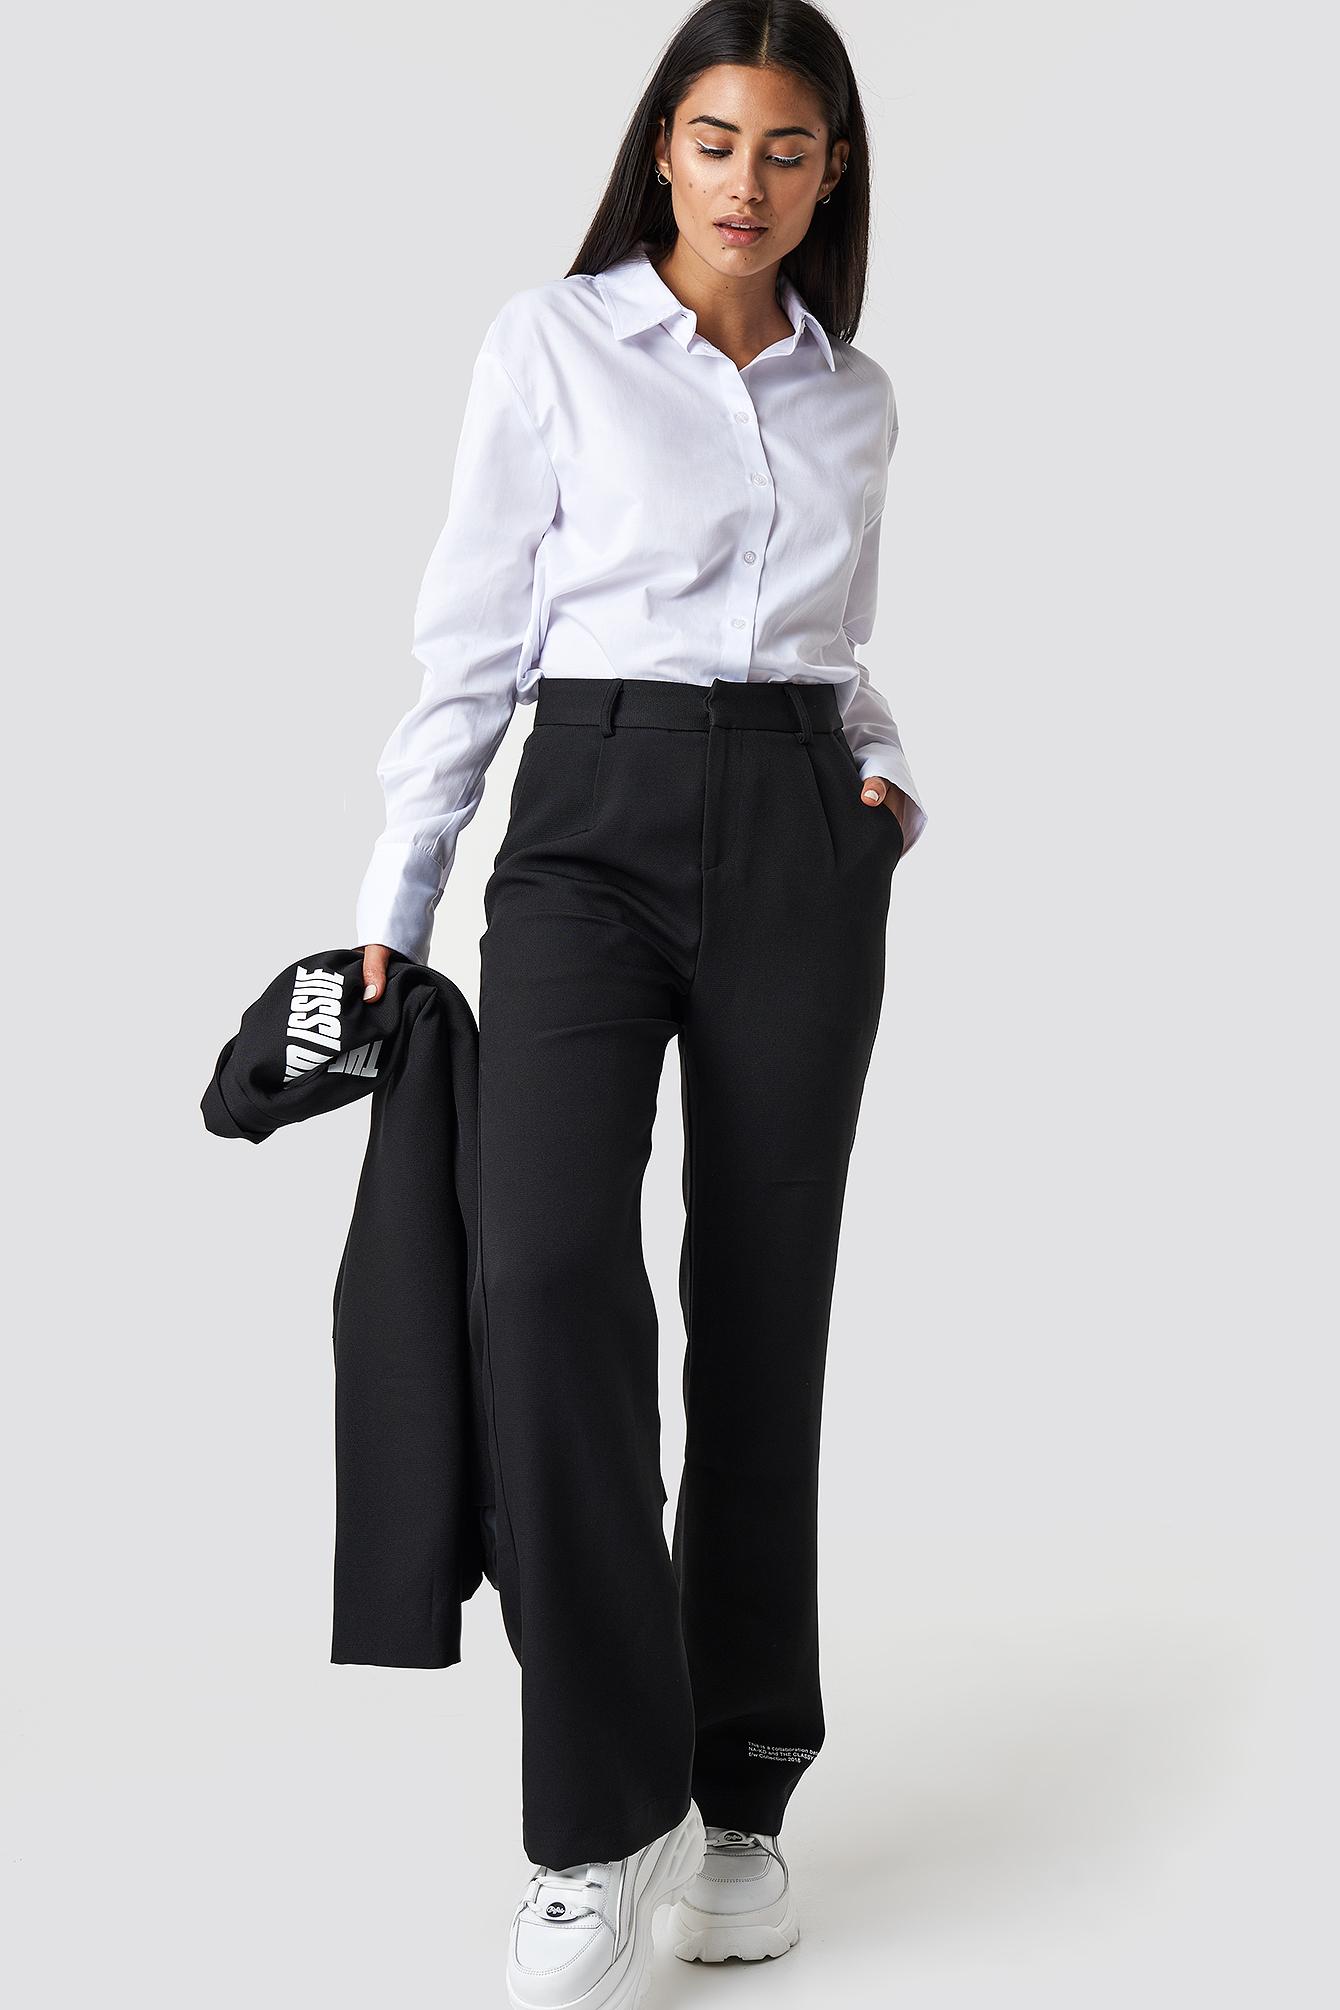 0efb5ebcd2d71 The Classy Suit Pants Black